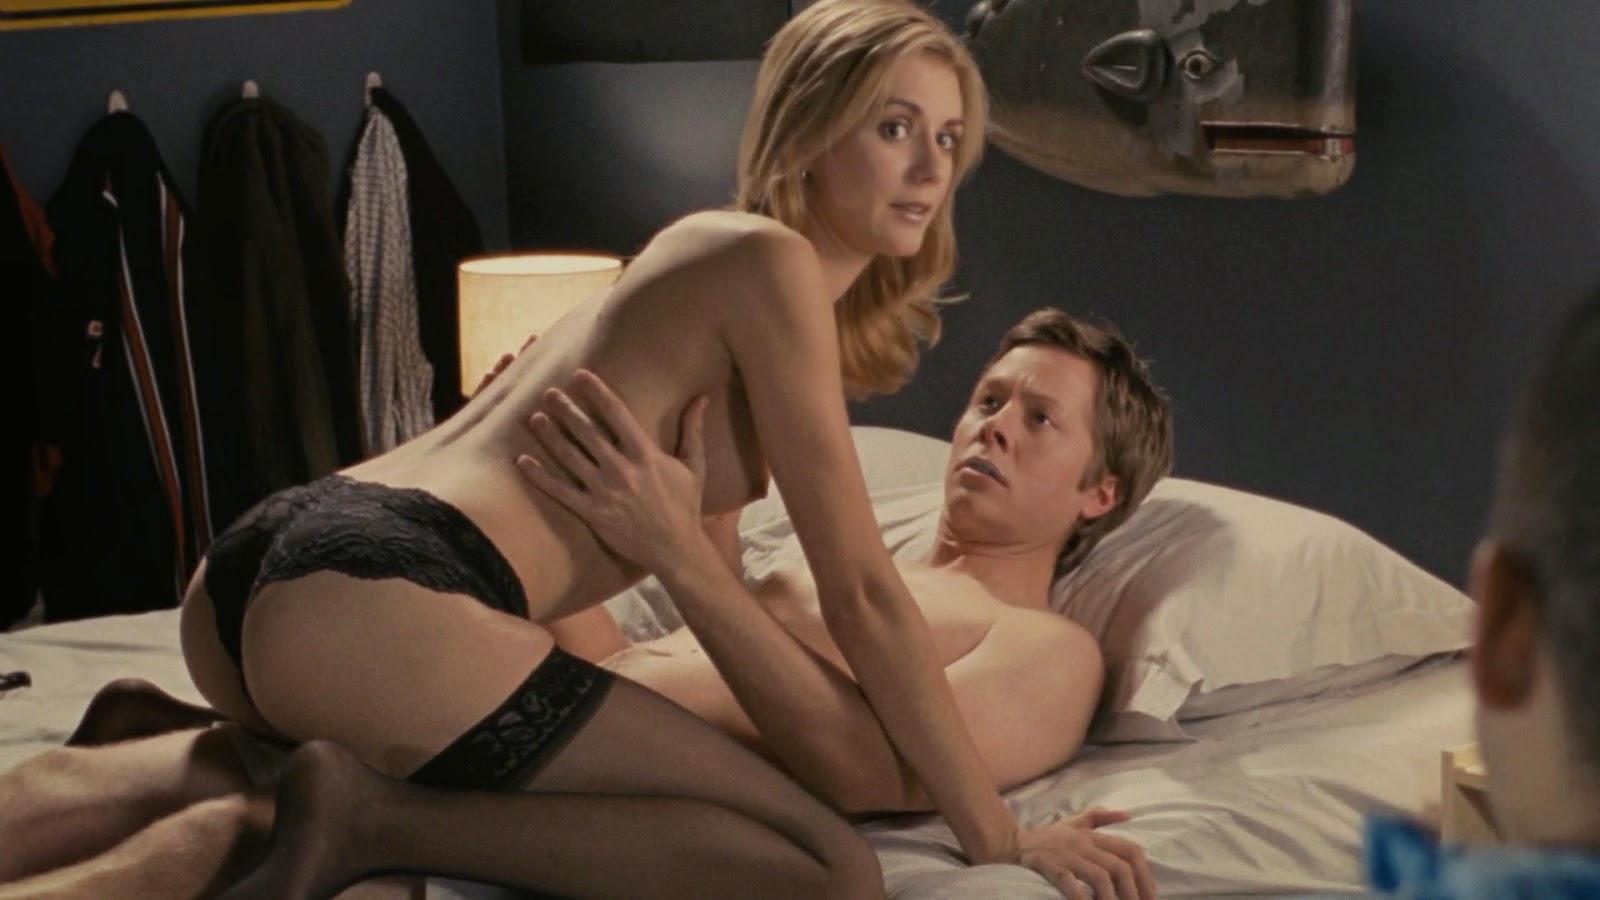 spisok-luchshih-filmov-s-seksom